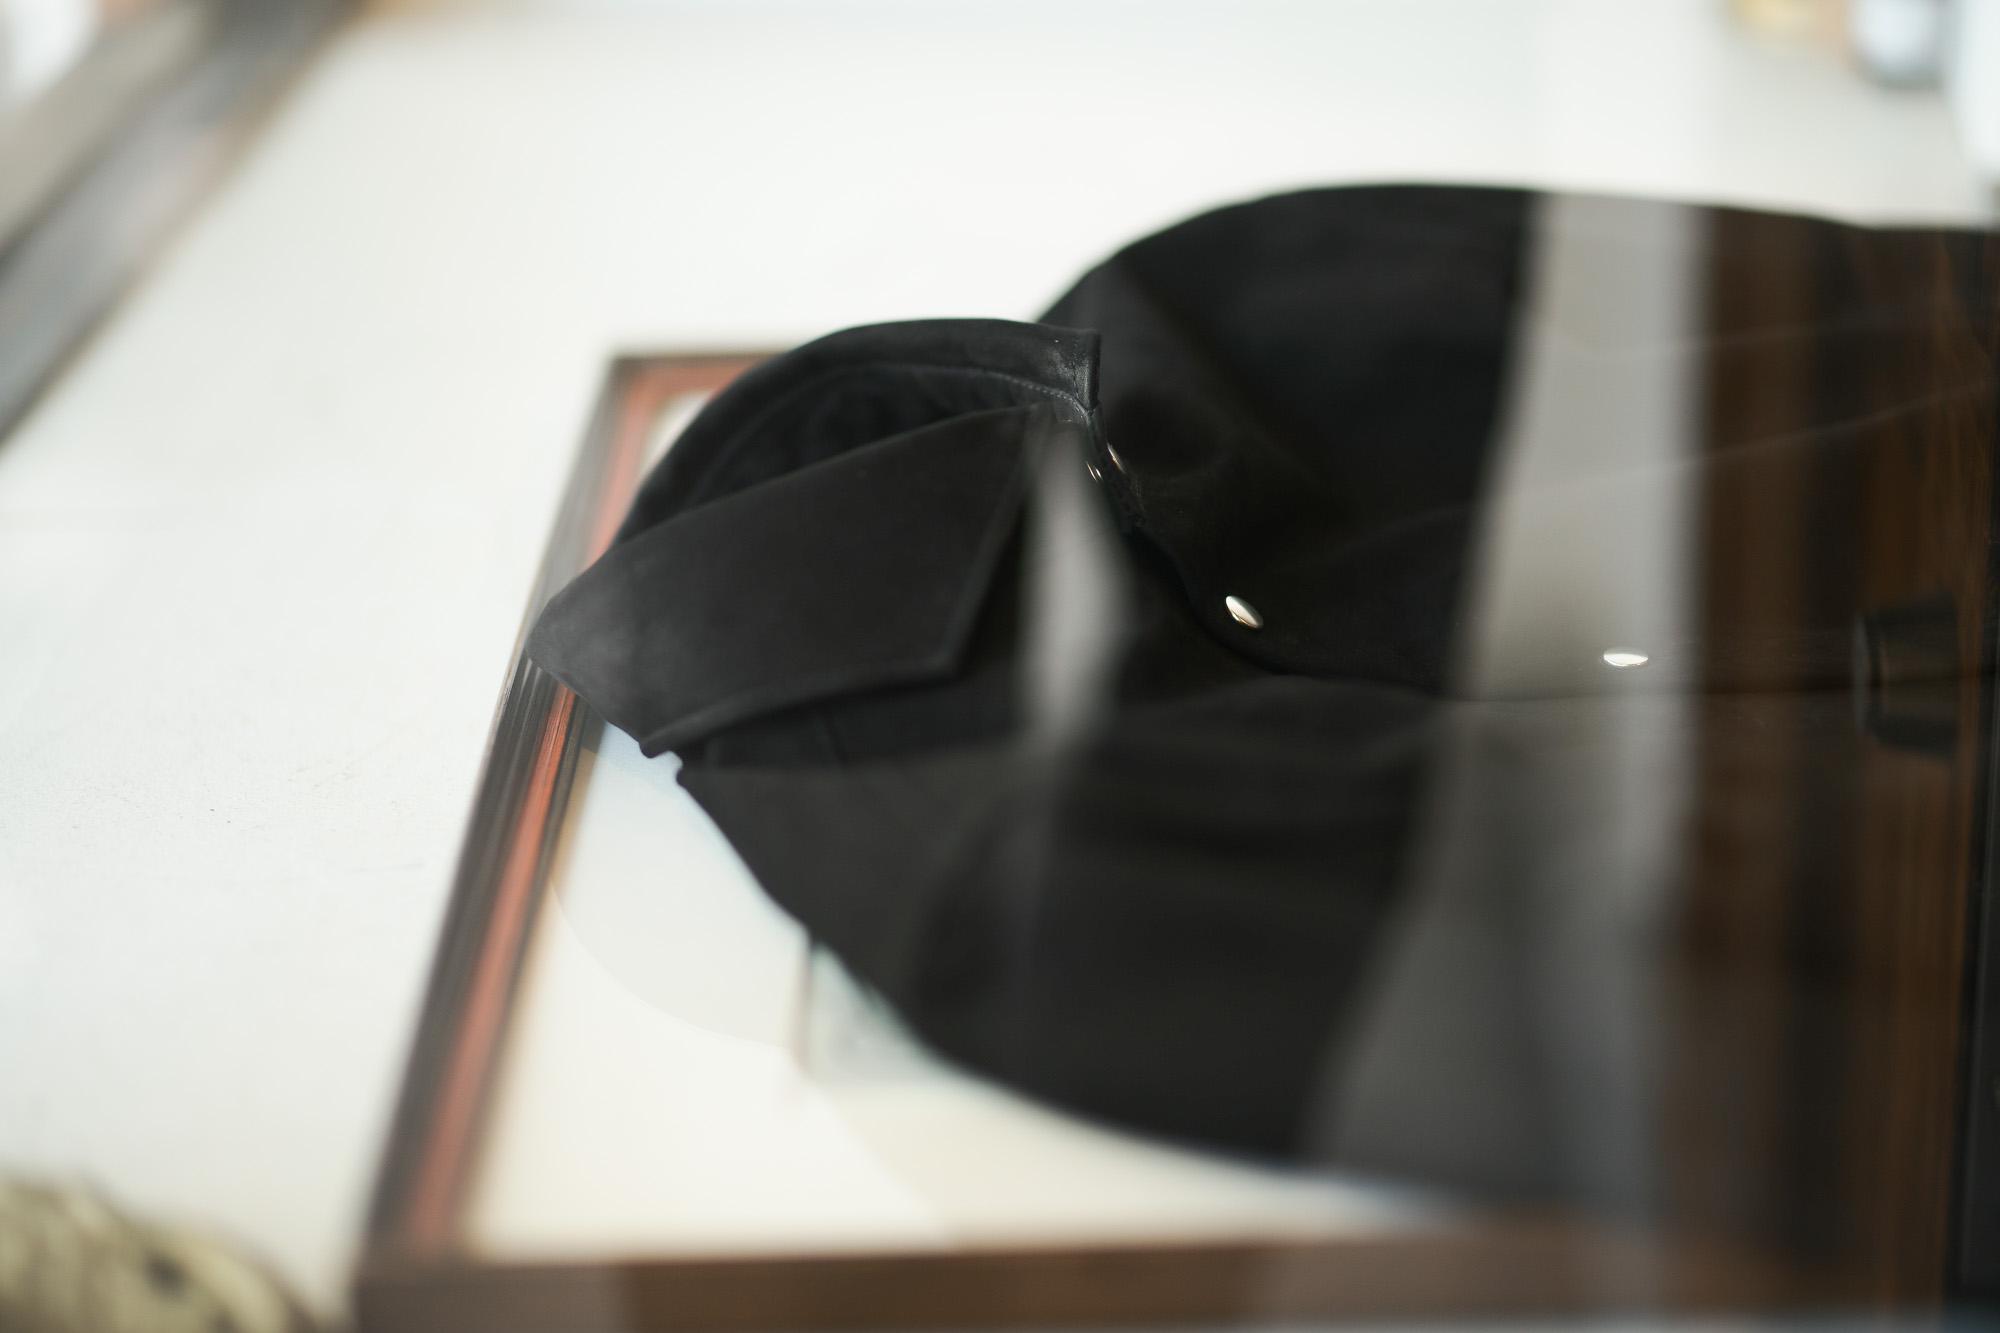 Cuervo (クエルボ) Satisfaction Leather Collection (サティスファクション レザー コレクション) Noel (ノエル) HORSE NUBUCK ホースヌバック レザーシャツ BLACK (ブラック) MADE IN JAPAN (日本製) 2019 秋冬 altoediritto アルトエデリット ヌバックシャツ レザージャケット